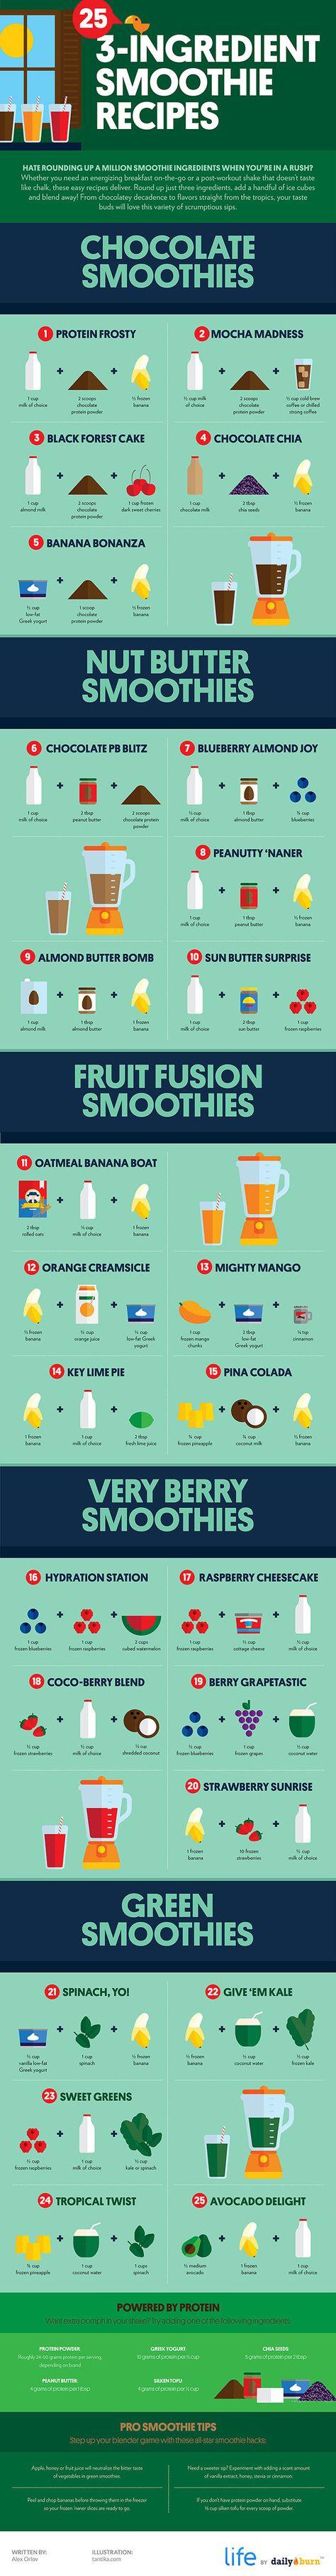 Pour des smoothies encore plus simples. | 24 graphiques pour vous aider à manger plus équilibré